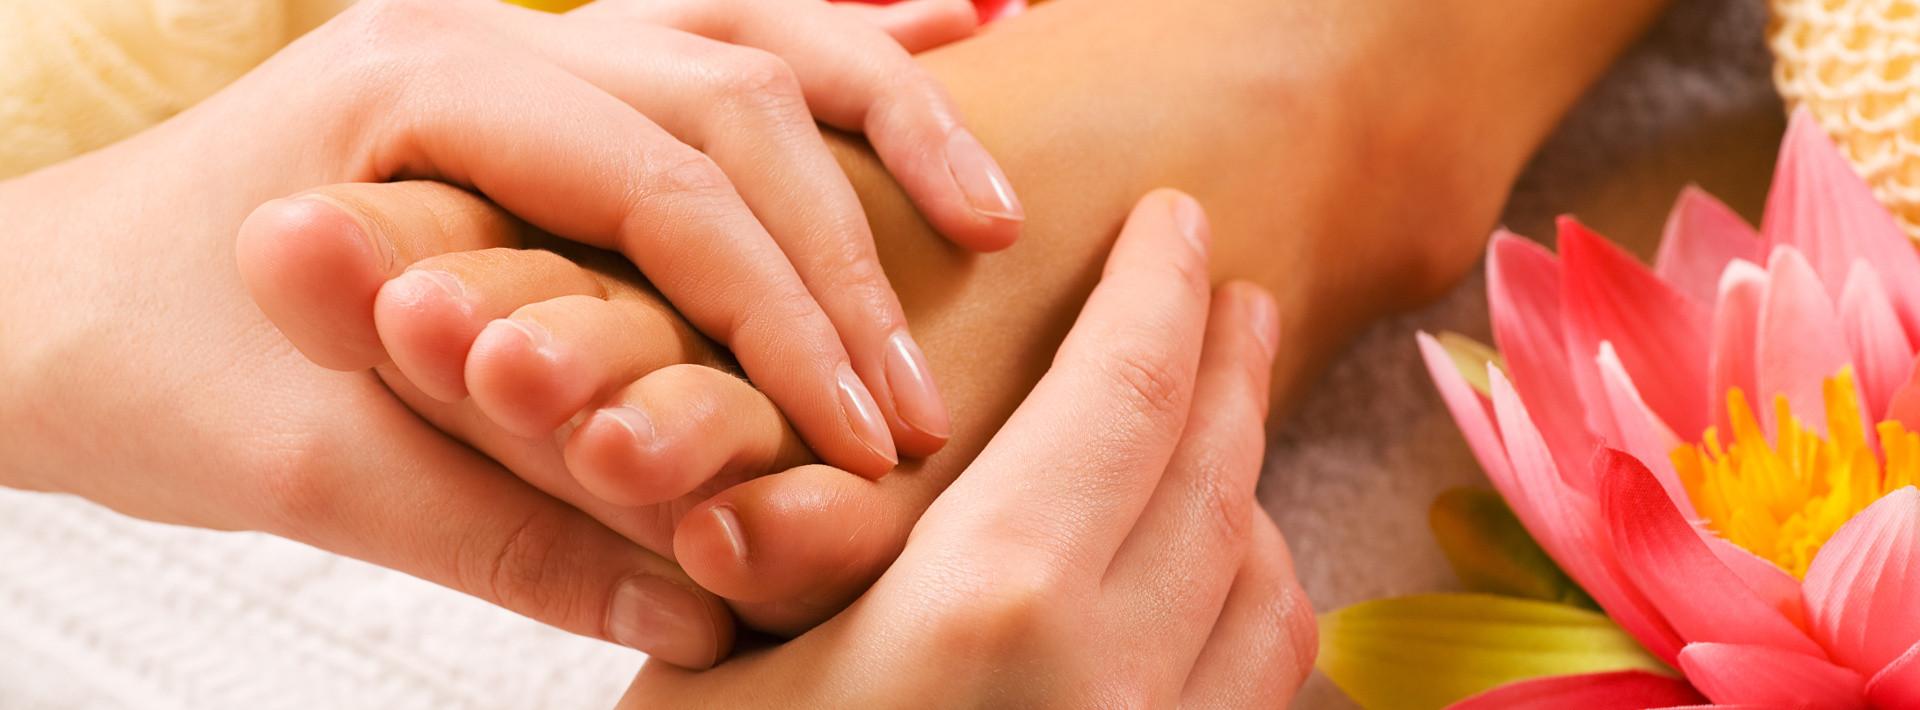 Manucures et soins et beauté de vos ongles